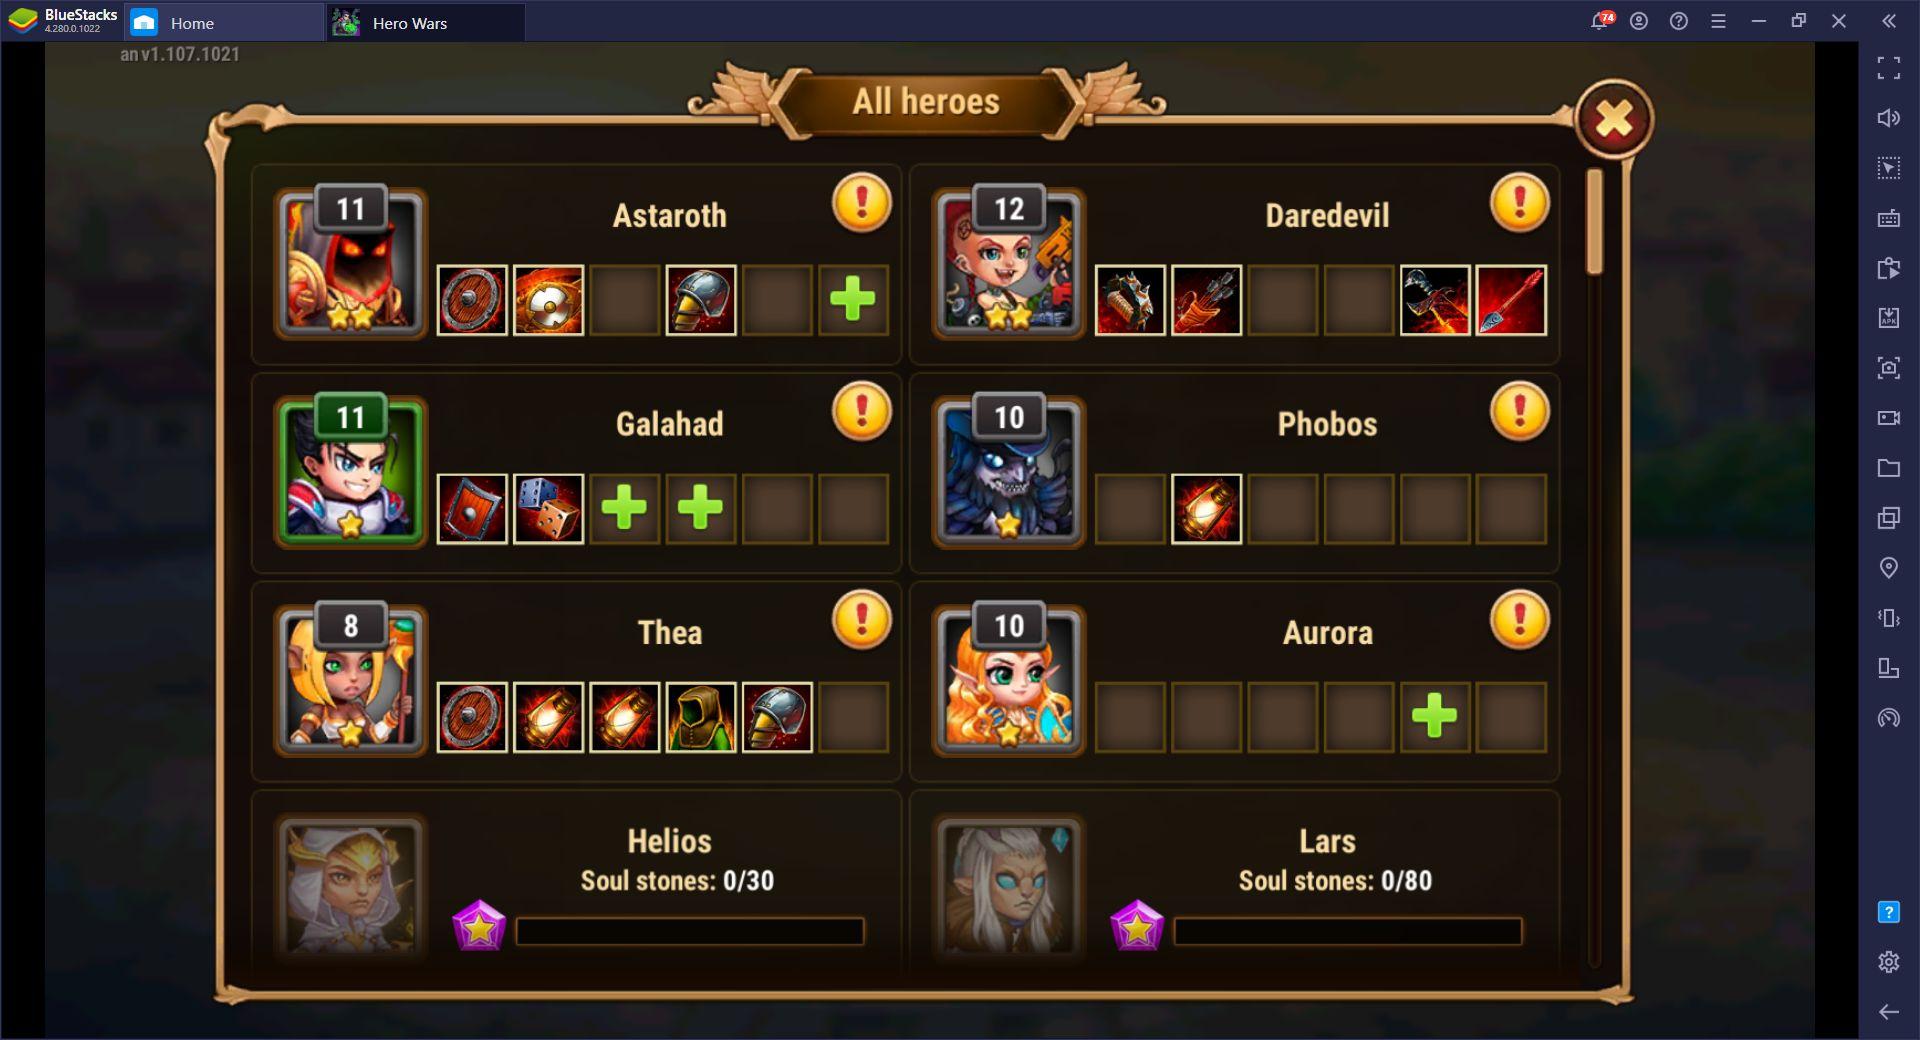 BlueStacks ile Hero Wars Oynayın, Avantaj Sizde Olsun